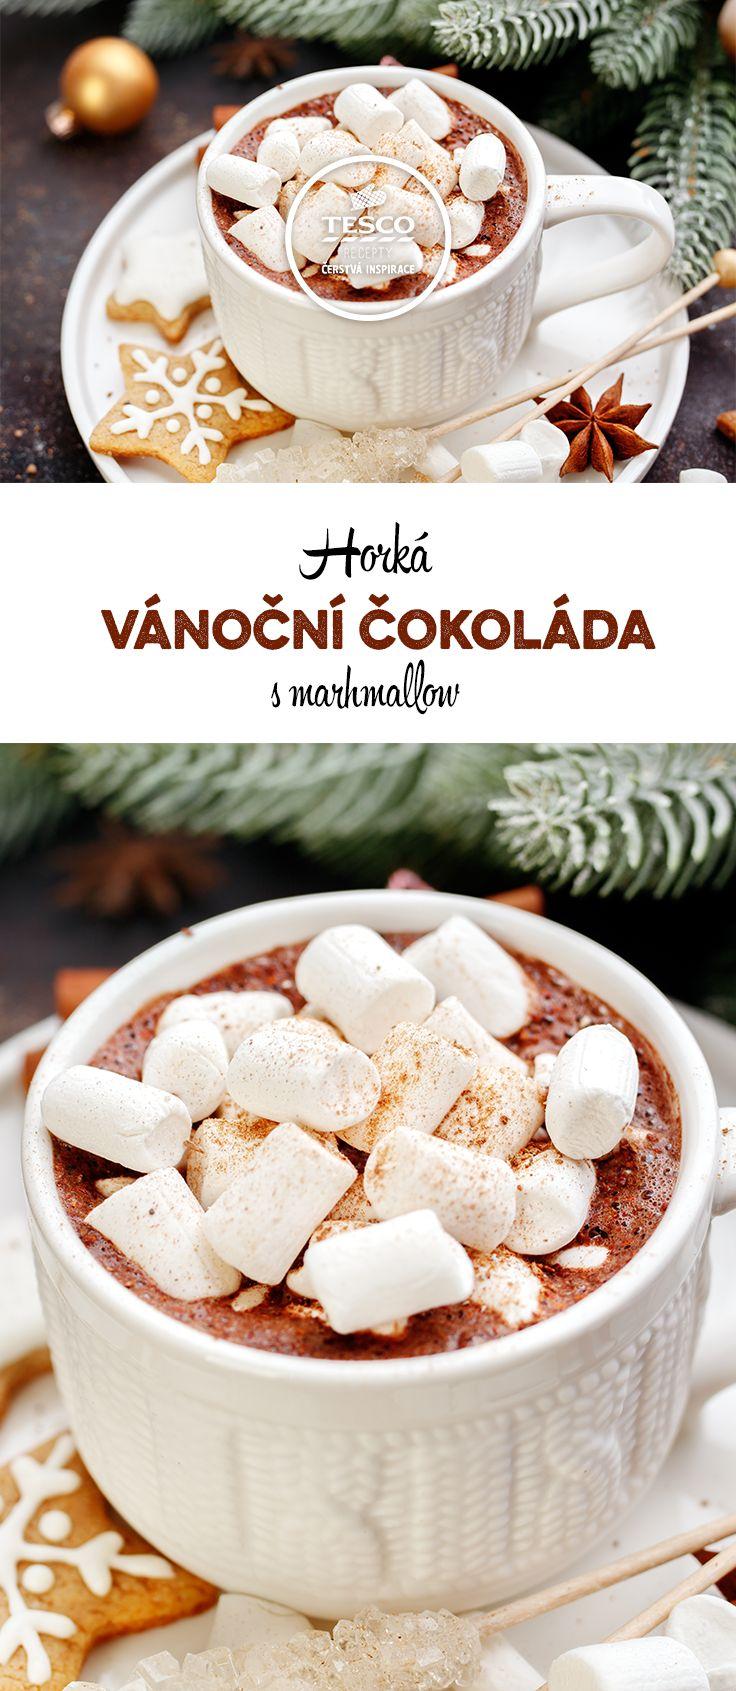 Čokoládové recepty pro malé i velké!